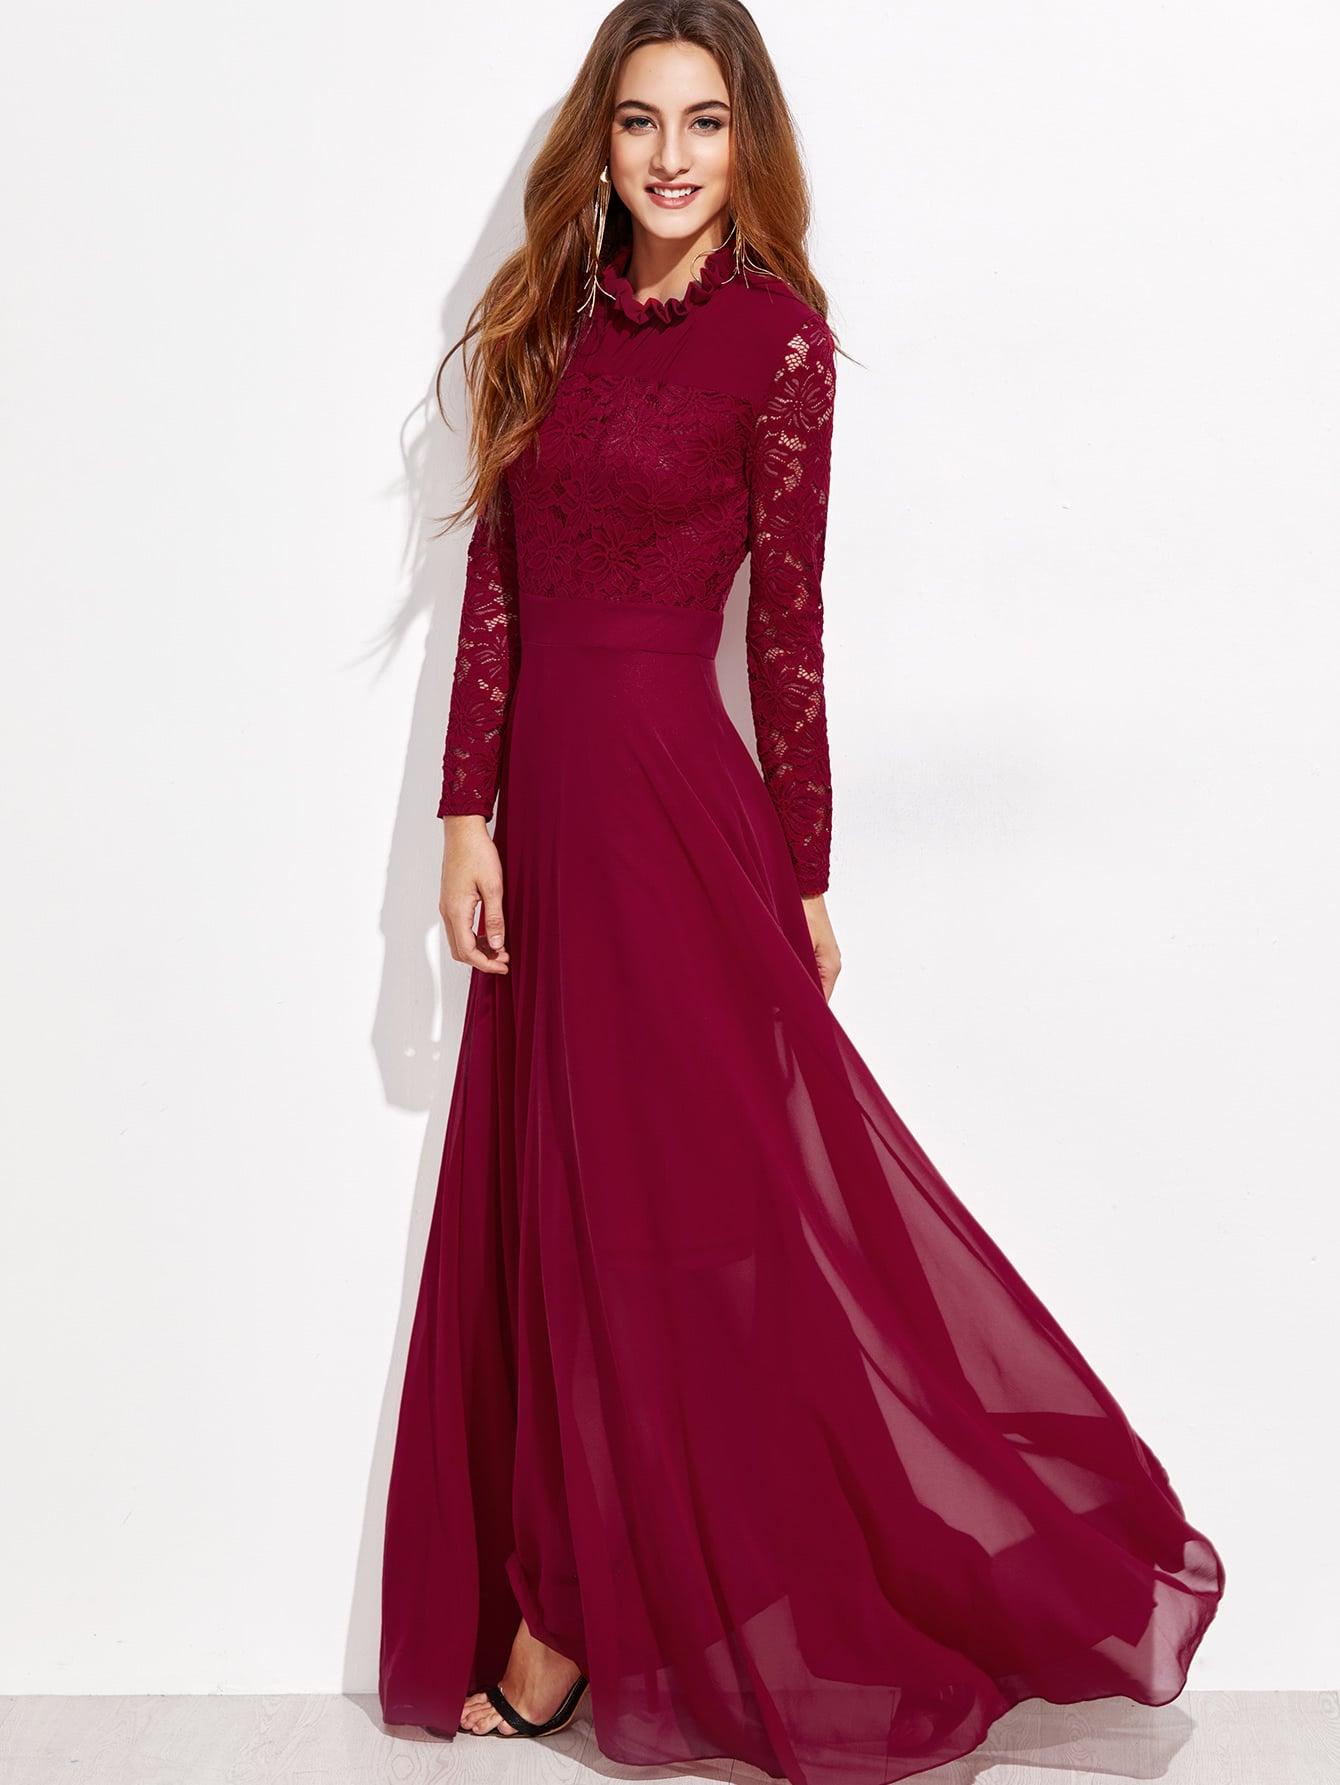 dress160930102_2